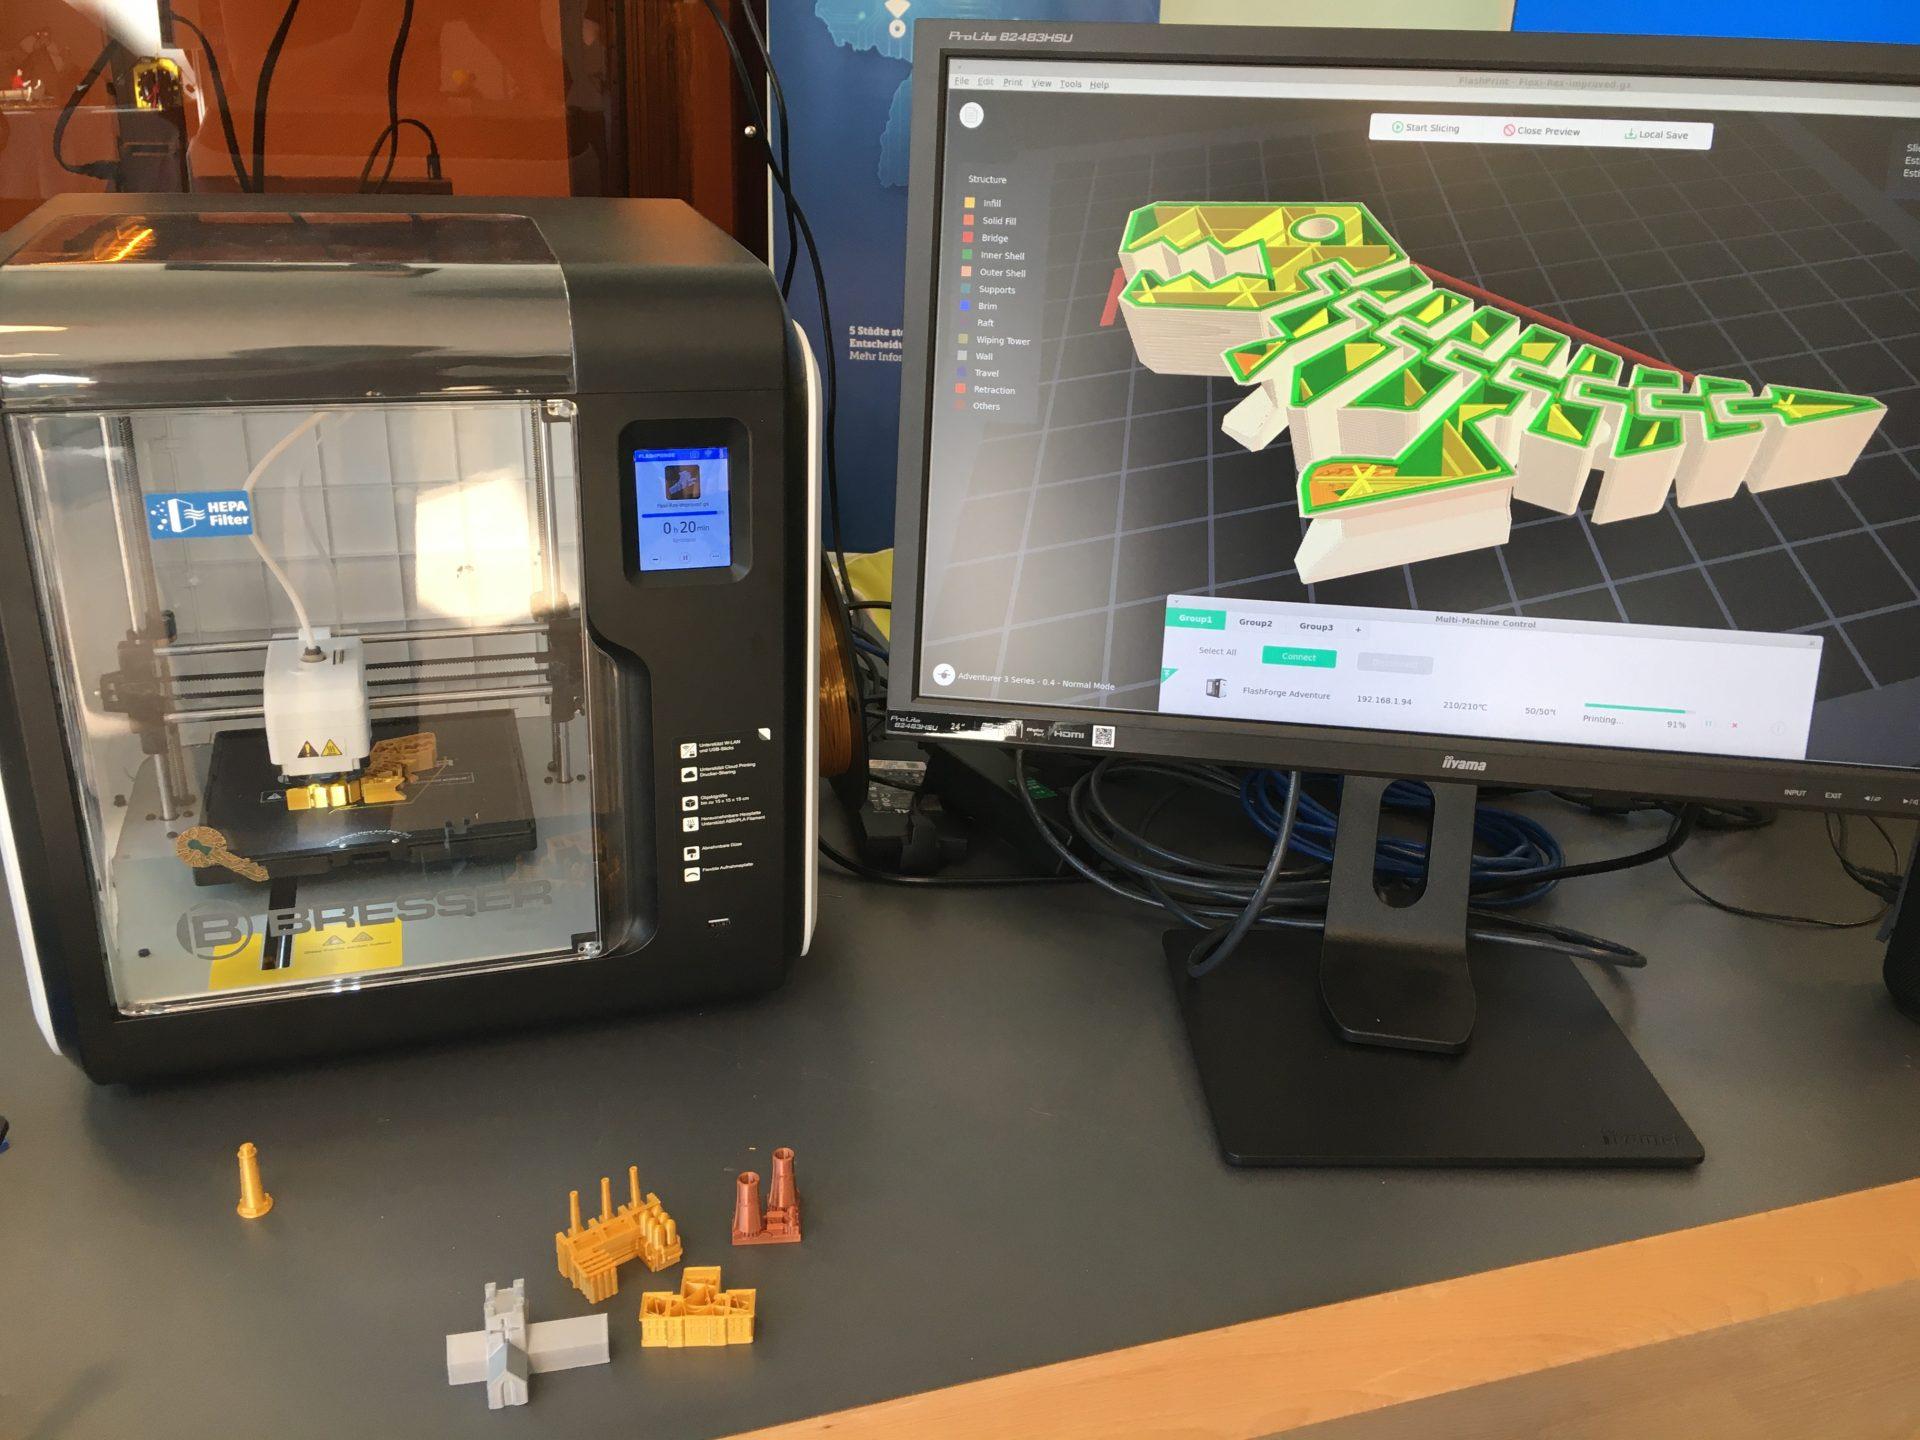 Ein kleiner 3D-Drucker neben einem Laptop, der ein designprogramm zeigt